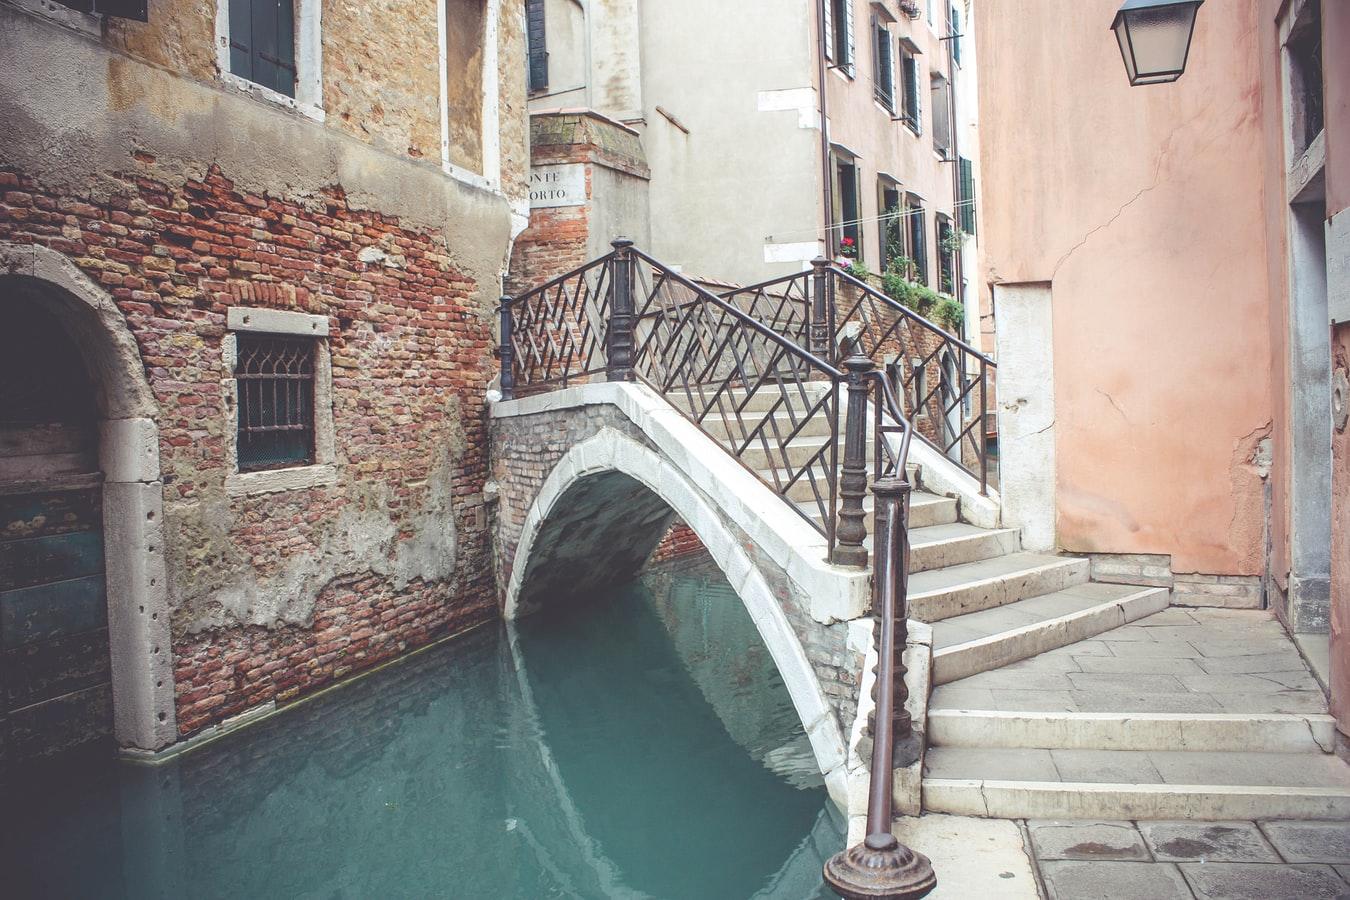 Tanie loty do Wenecji